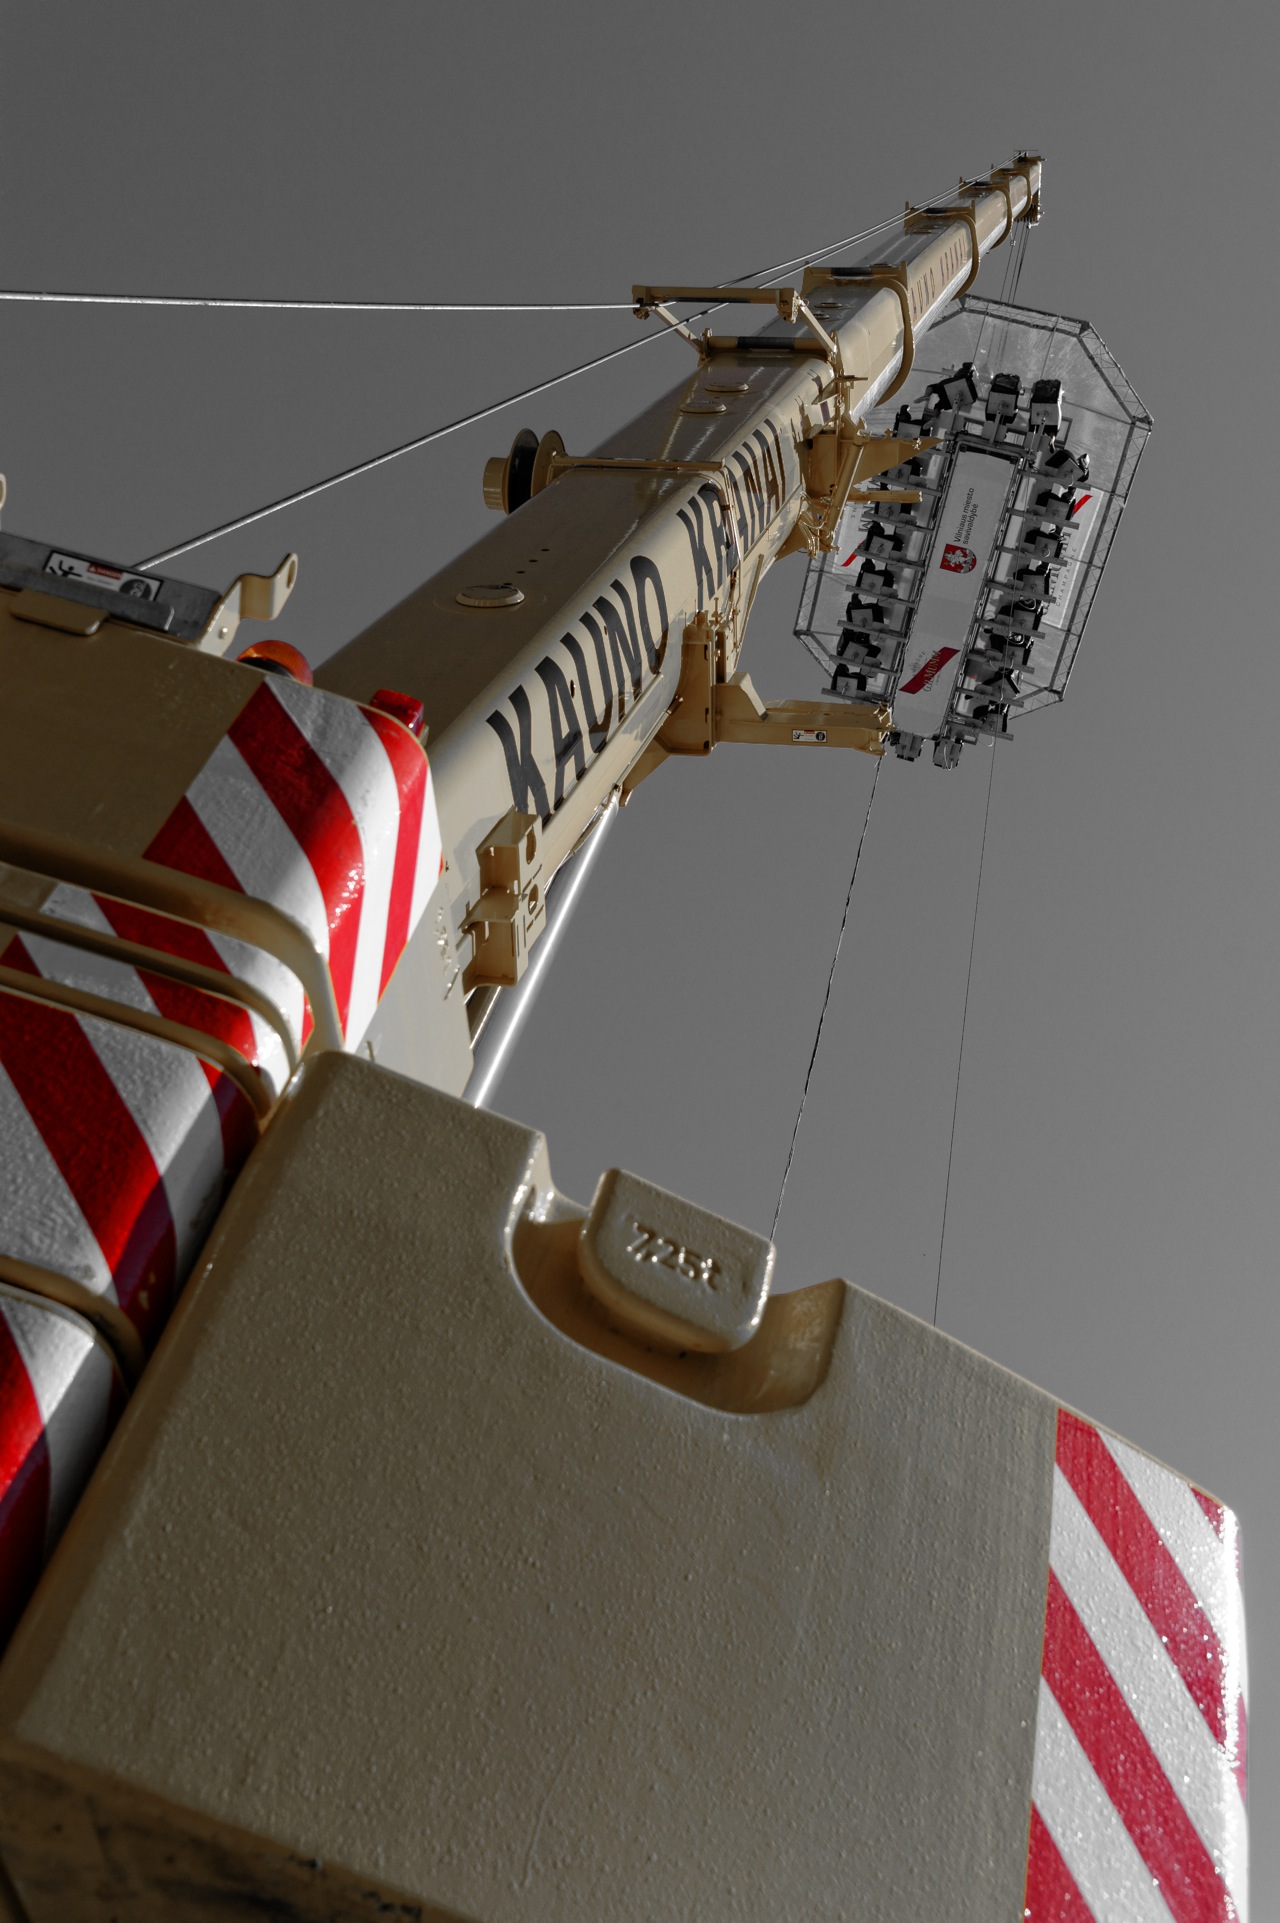 Dinieren hoch über Vilnius - Autokran am Rathausplatz. NIKON D700 mit AF-S NIKKOR 24-120 mm 1:4G ED VR.